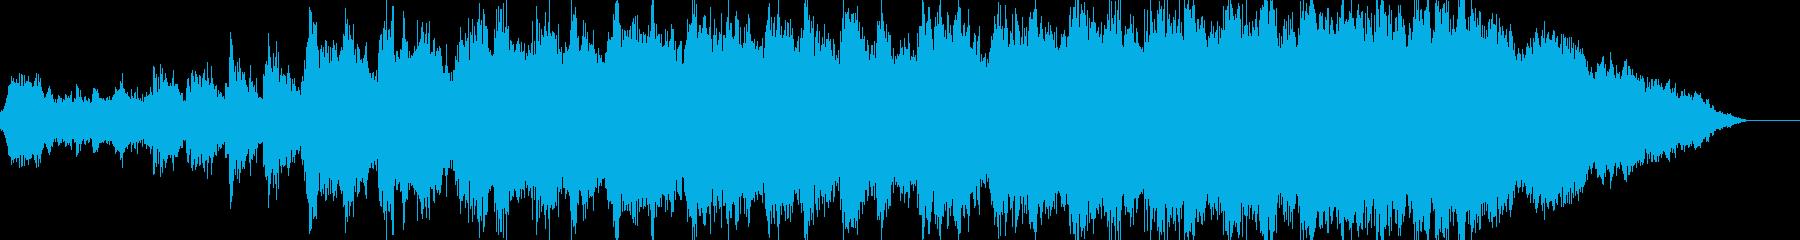 ホラー、サスペンス映像の緊迫感漂うシーンの再生済みの波形